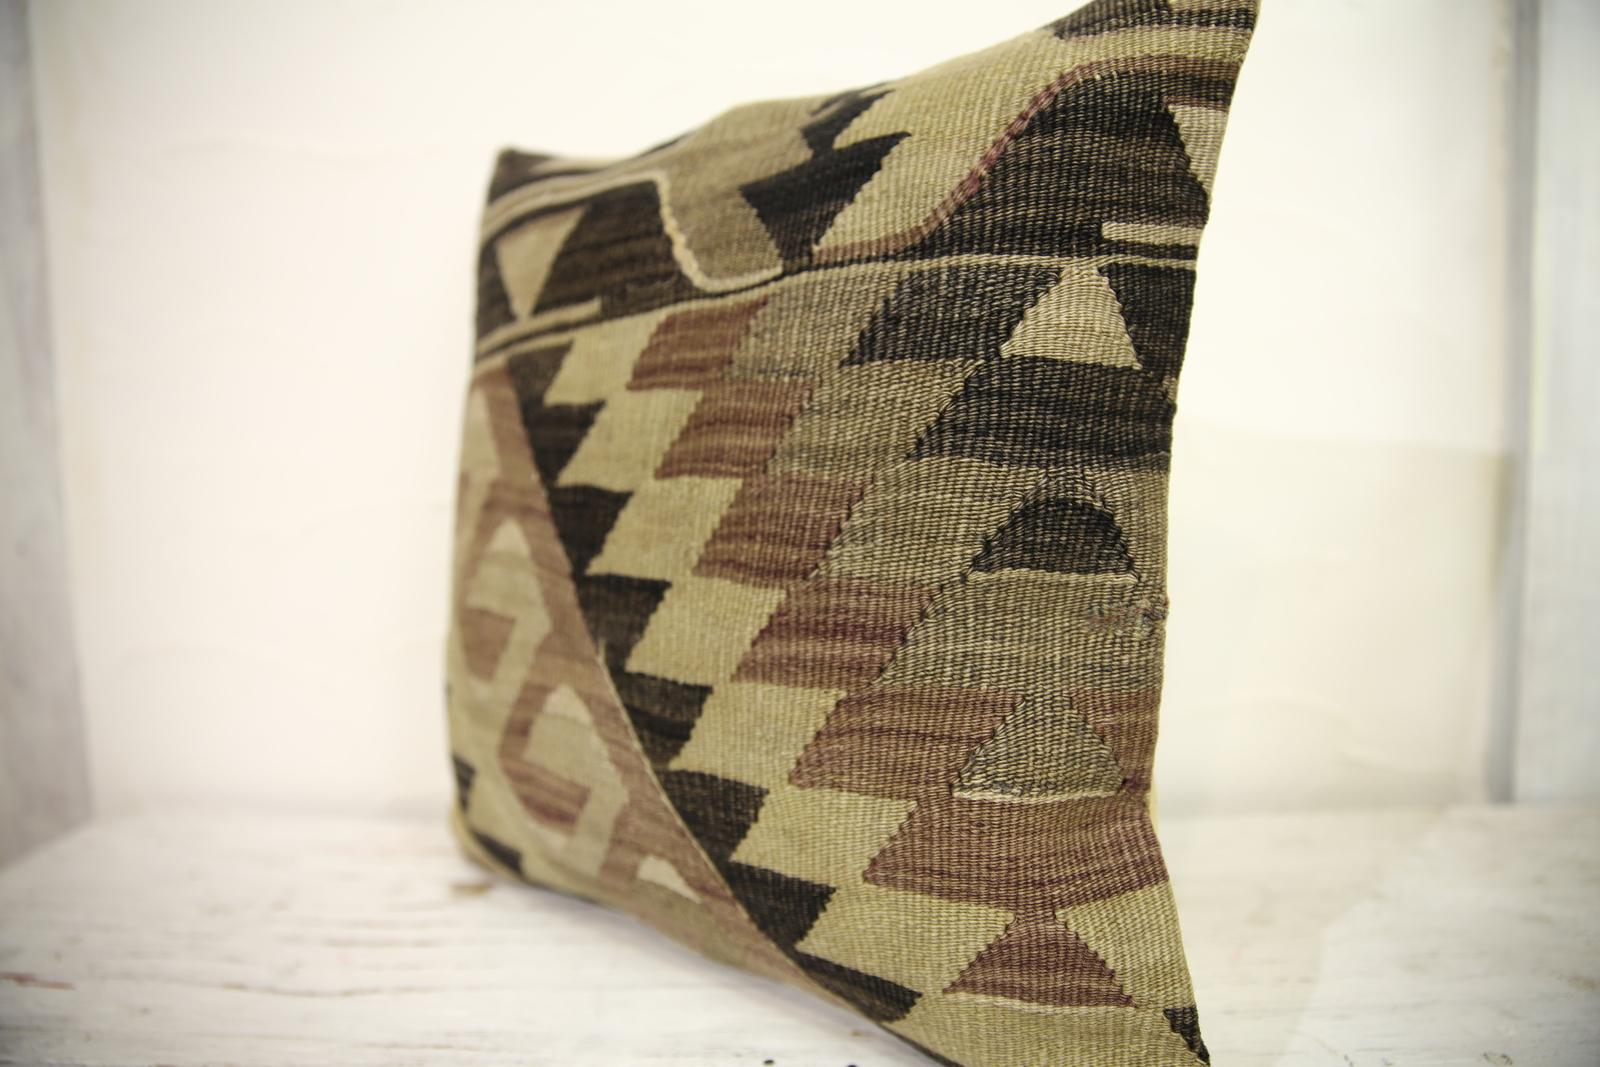 Kilim Pillows  16x16   Decorative Pillows   1098   Accent Pillows turkish pillow